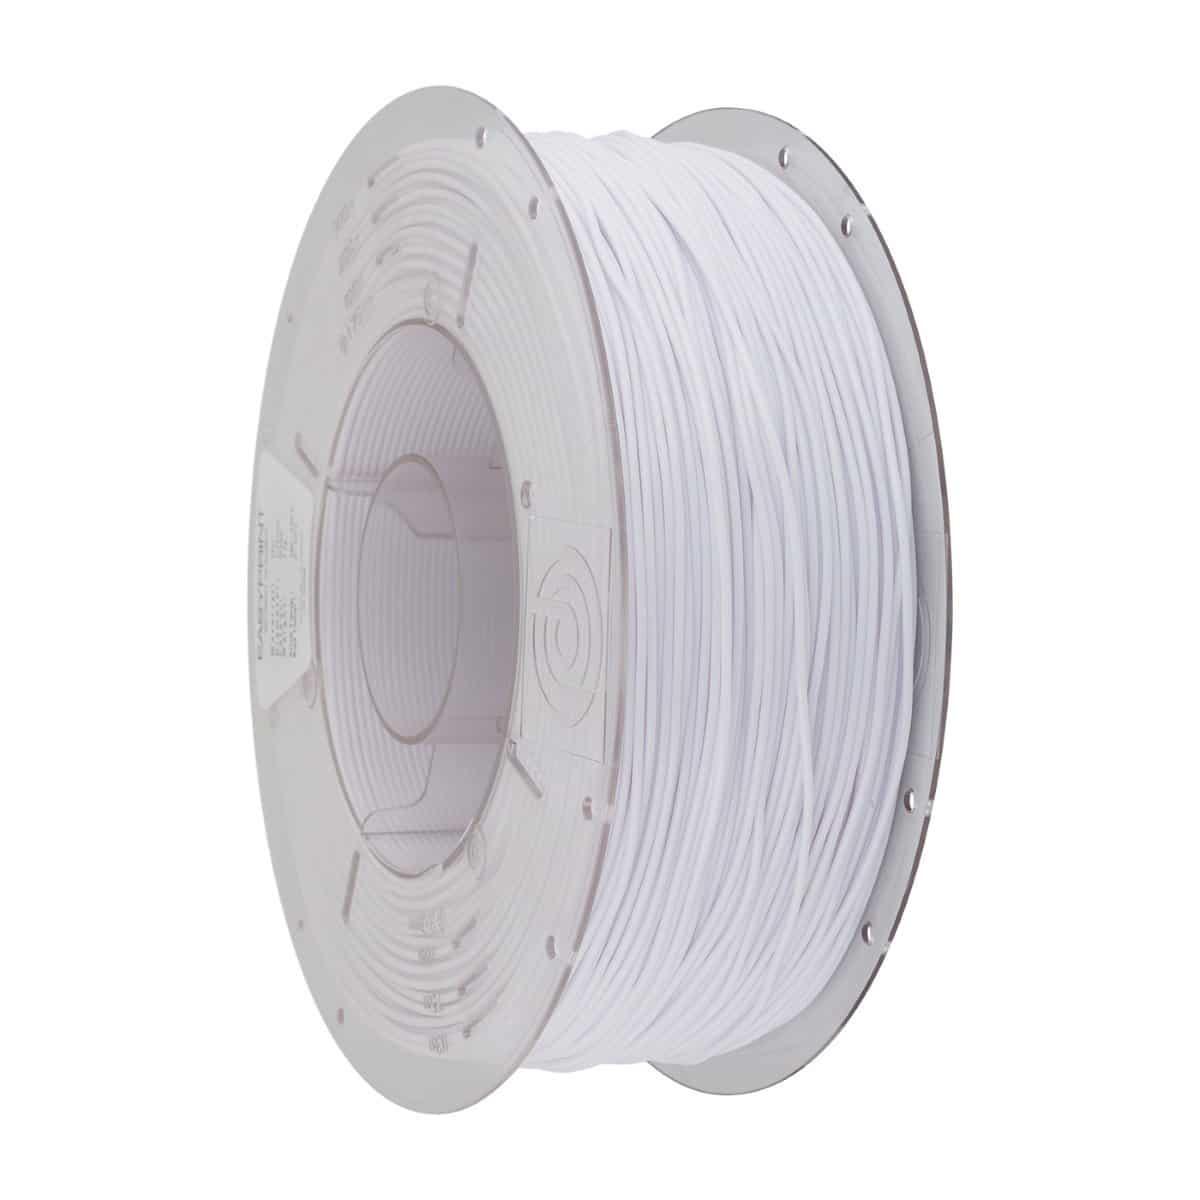 Image of PrimaCreator™ EasyPrint FLEX 95A - 1.75mm - 1 kg - White